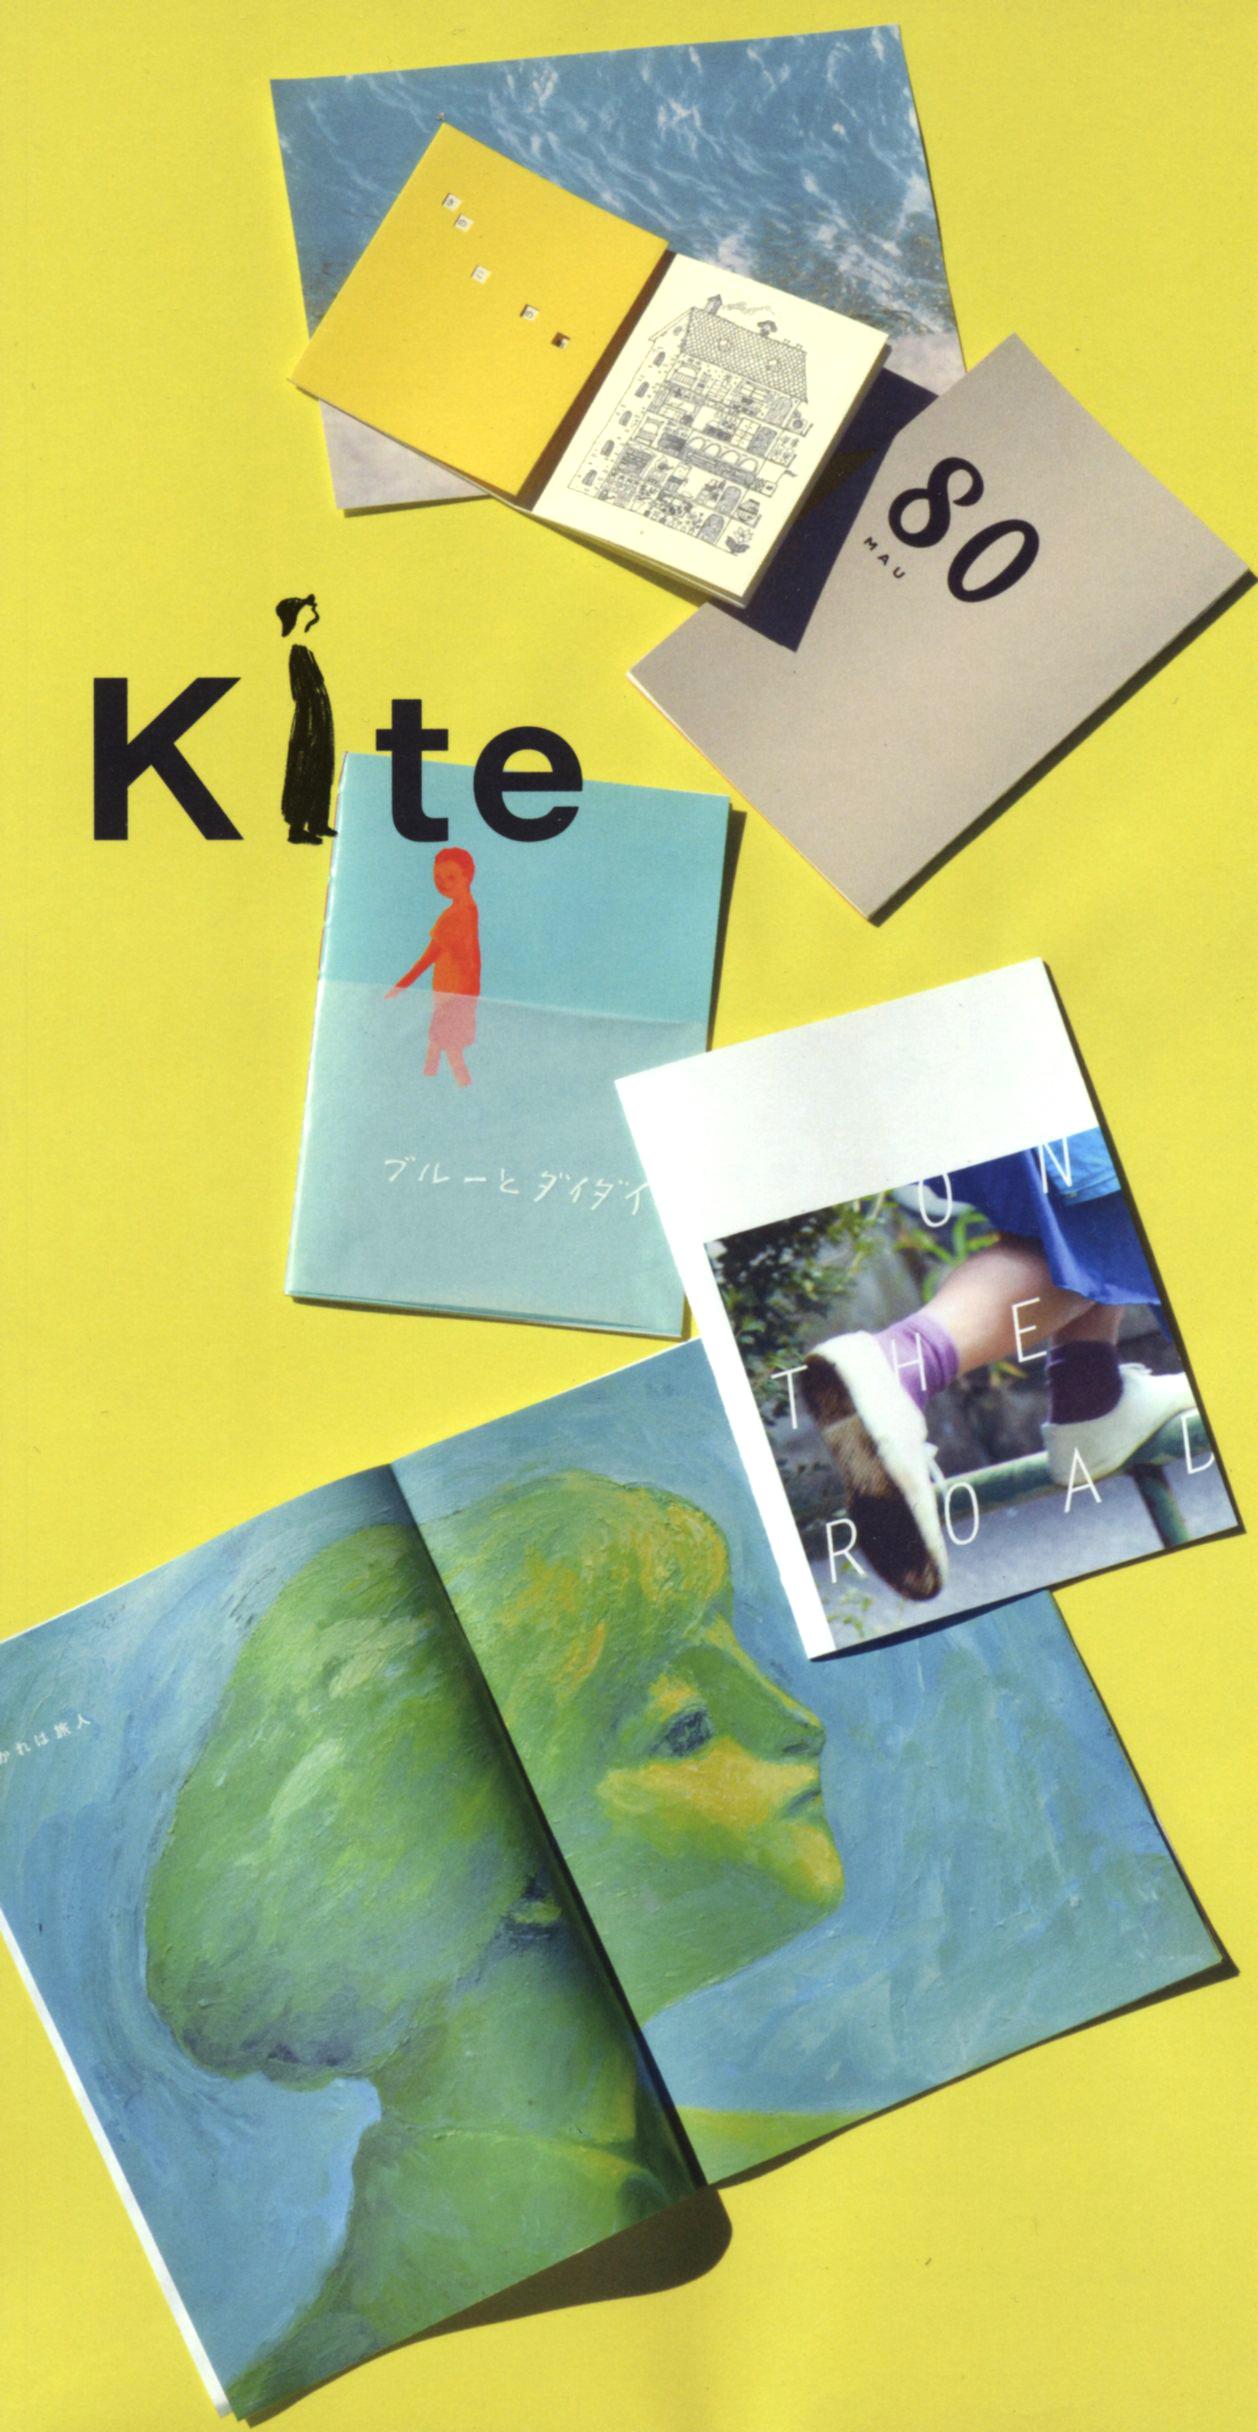 kiteDM2013027